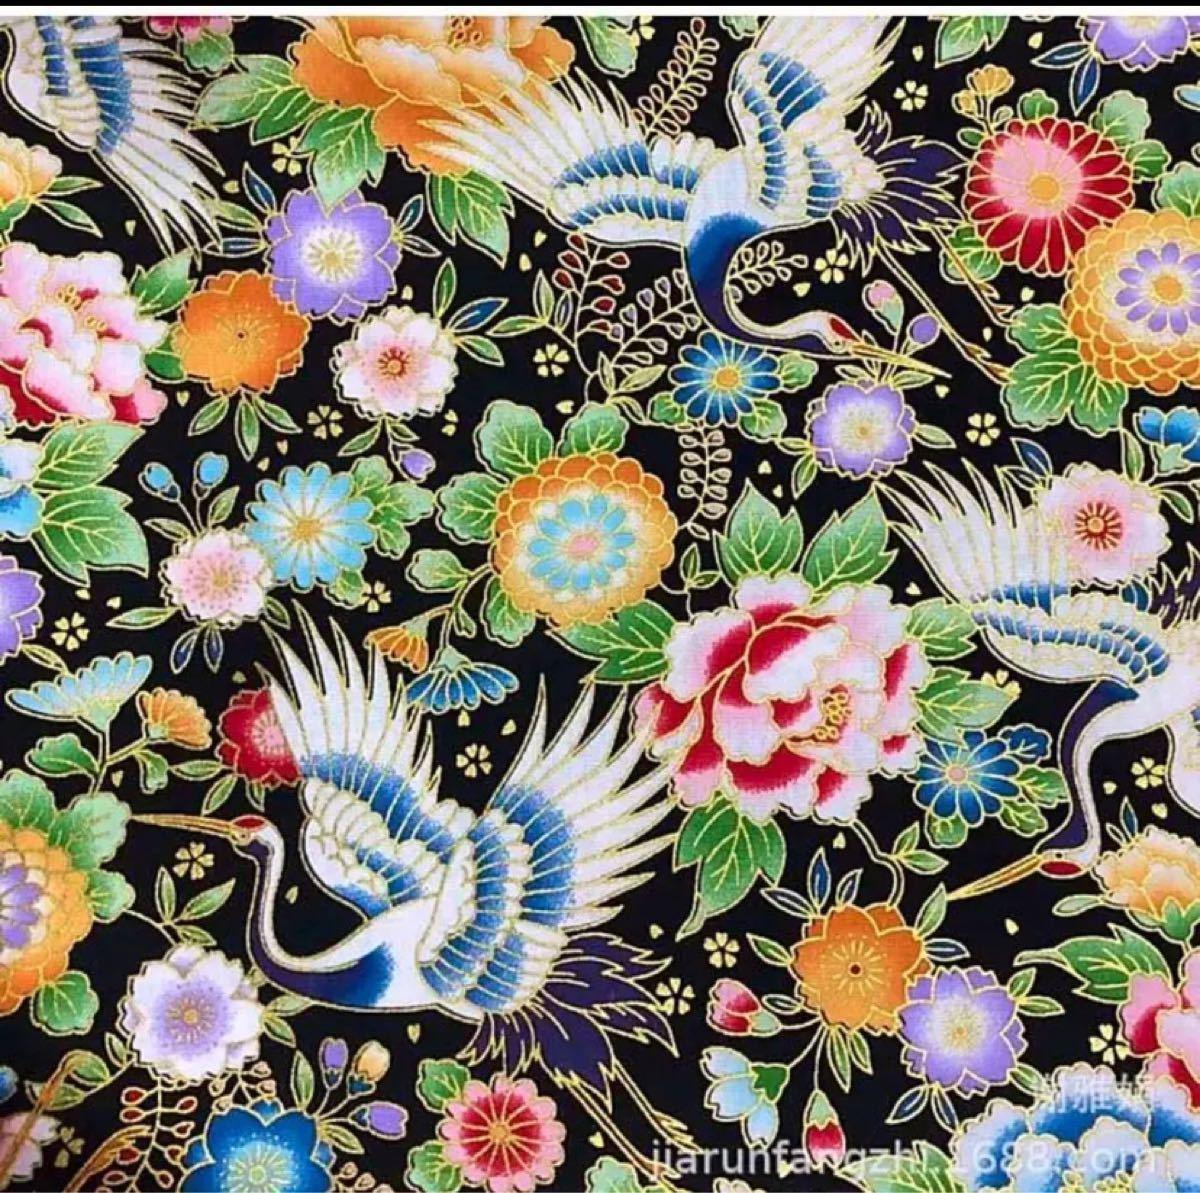 生地 ハギレ 和柄 牡丹と鶴 花柄 50cm 金糸プリント 黒色